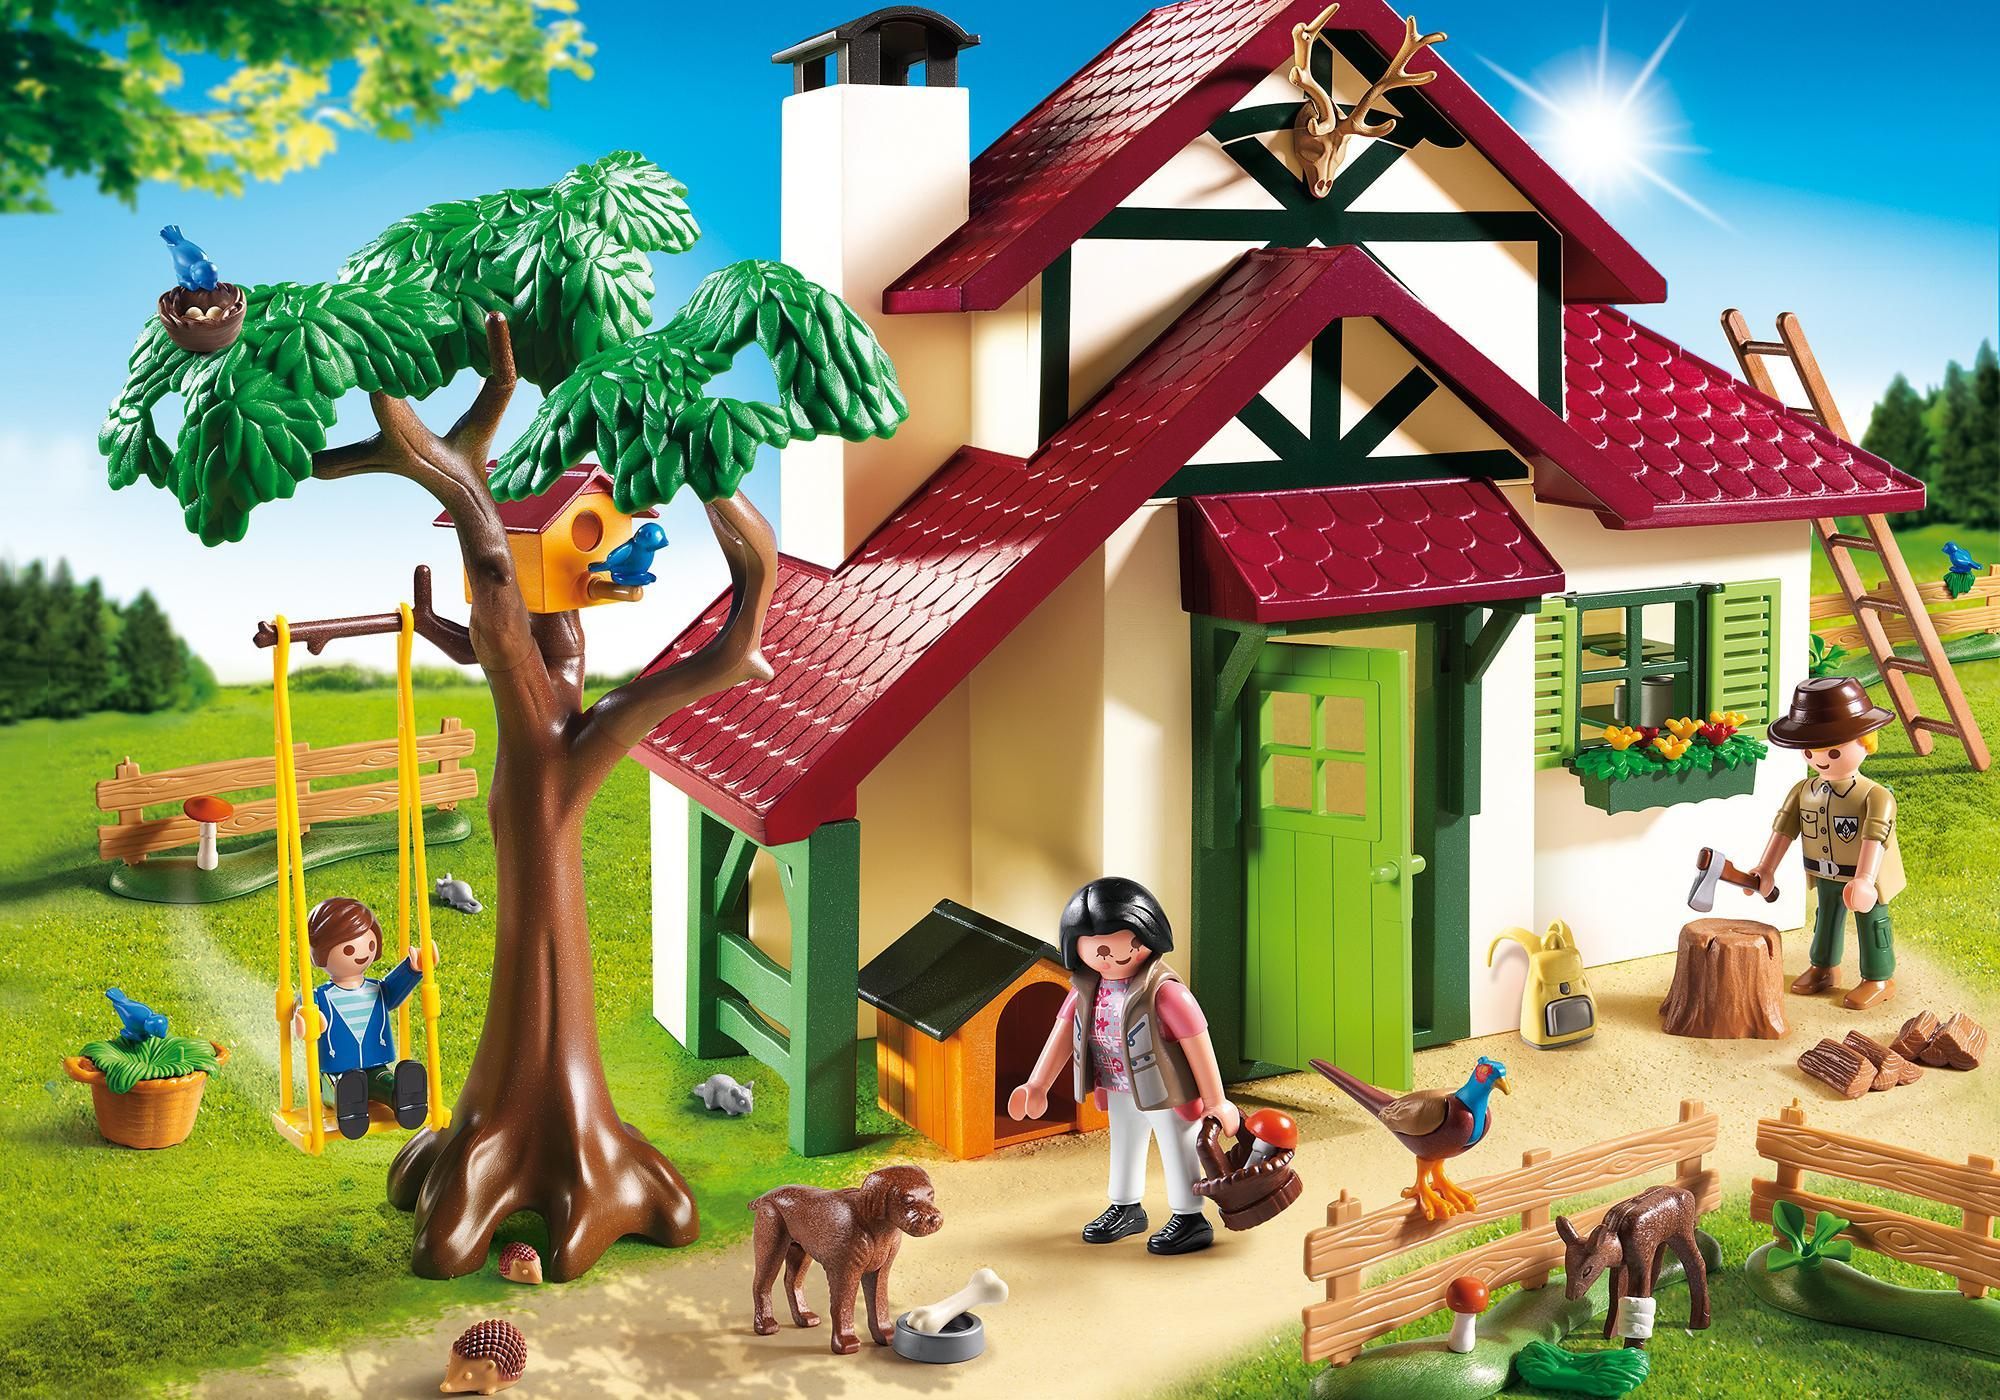 http://media.playmobil.com/i/playmobil/6811_product_detail/Casa del Bosque